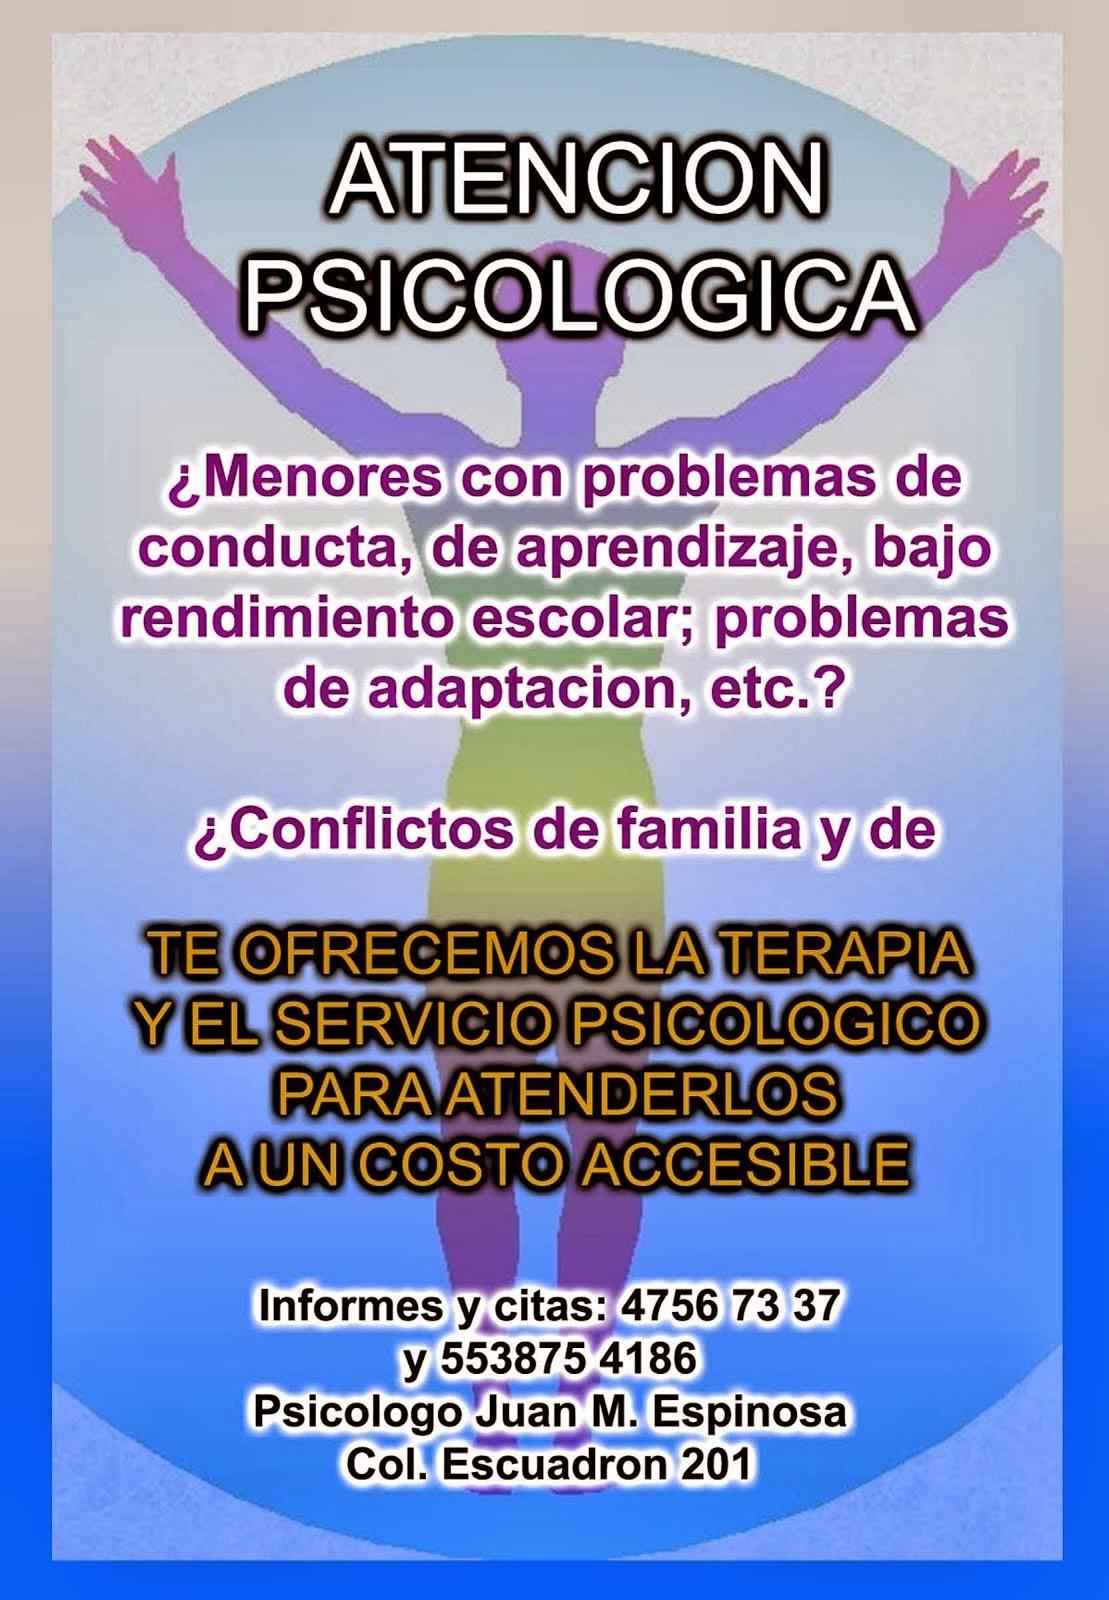 ATENCION PSICOLOGICA